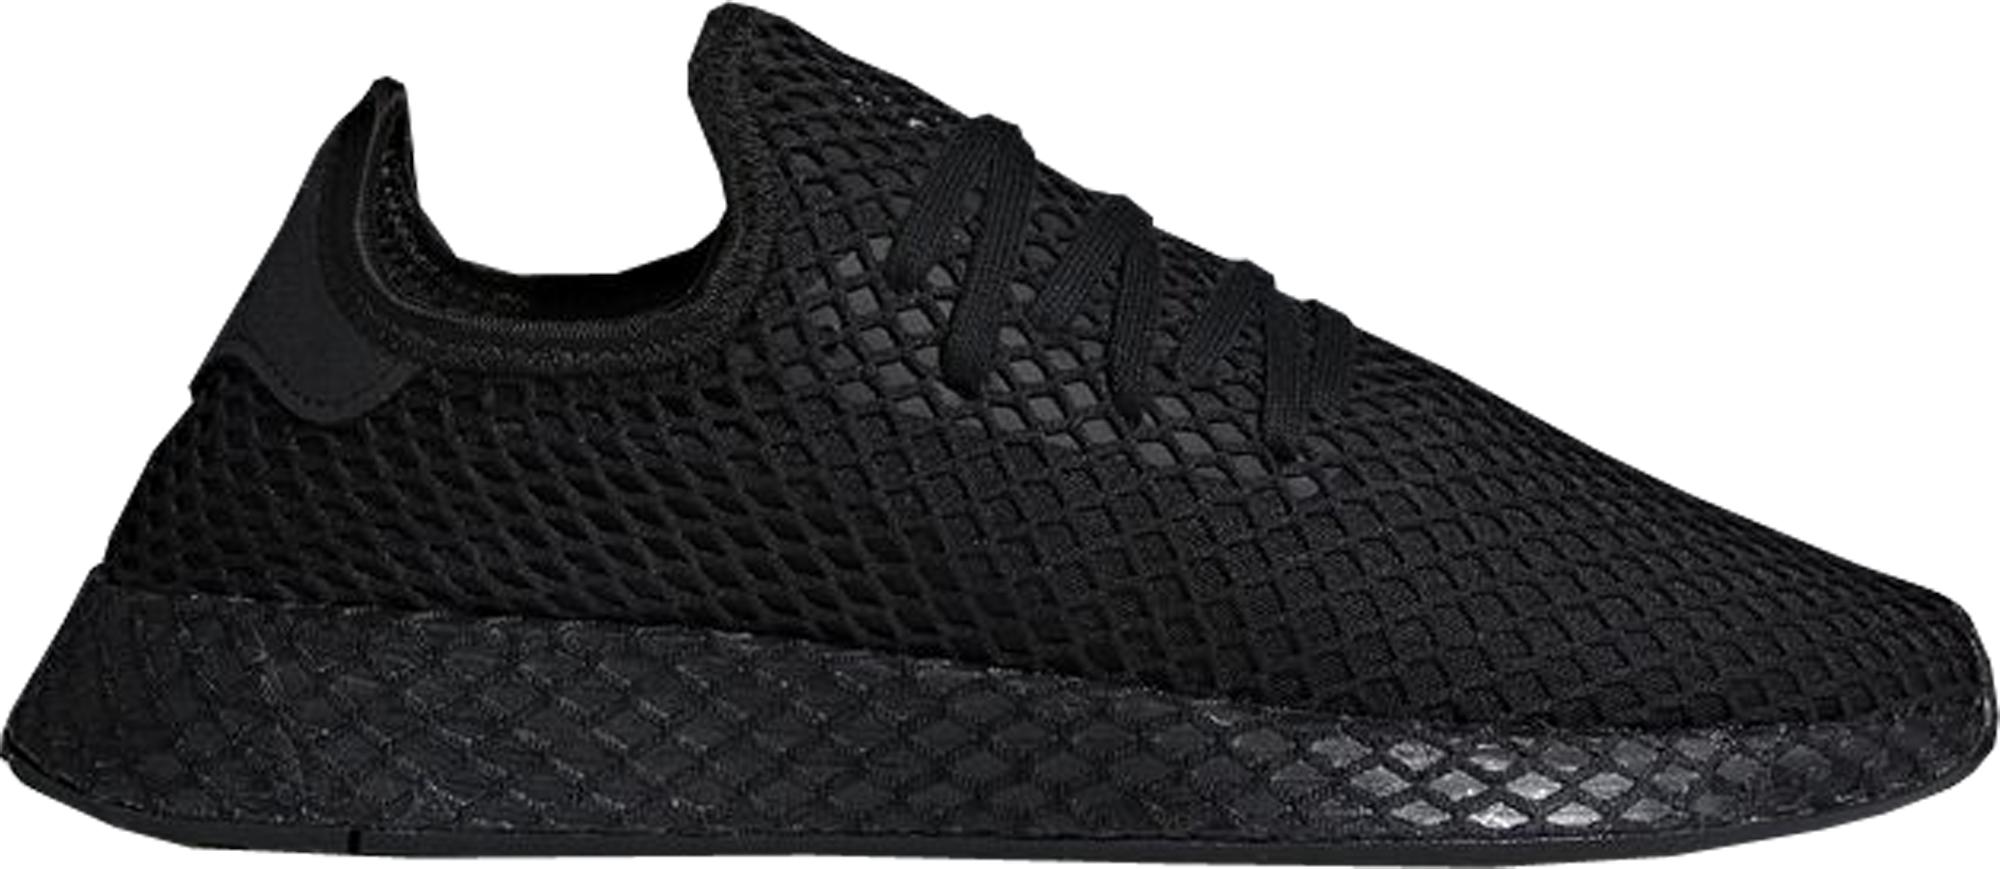 adidas Deerupt Core Black